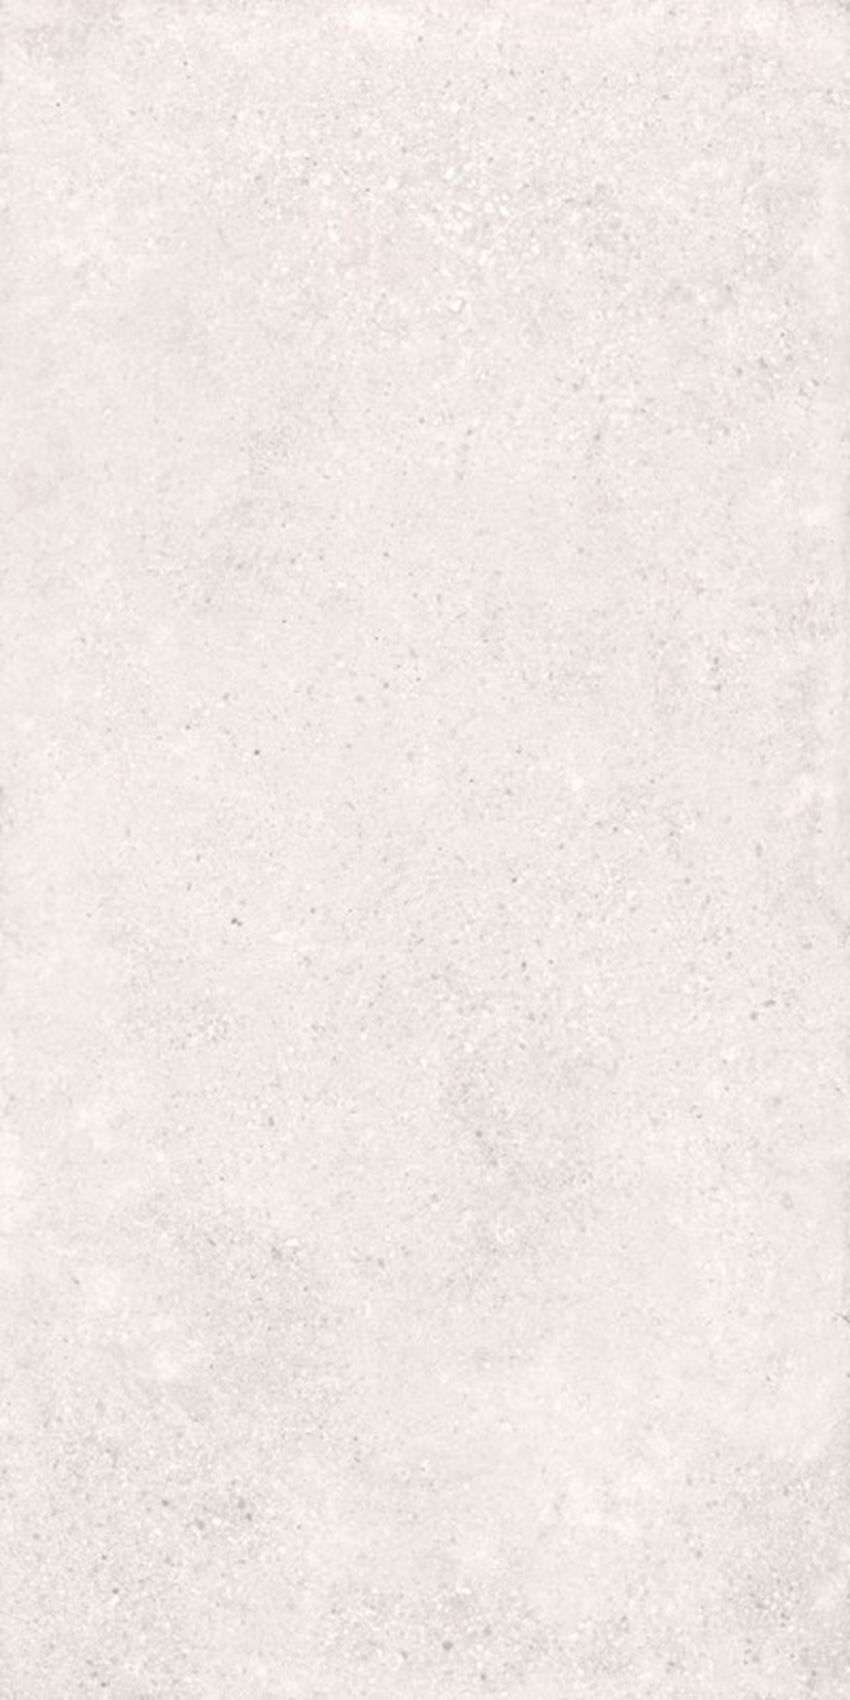 Płytka ścienno-podłogowa lappato mat 59,7x119,7 cm Nowa Gala Geotec